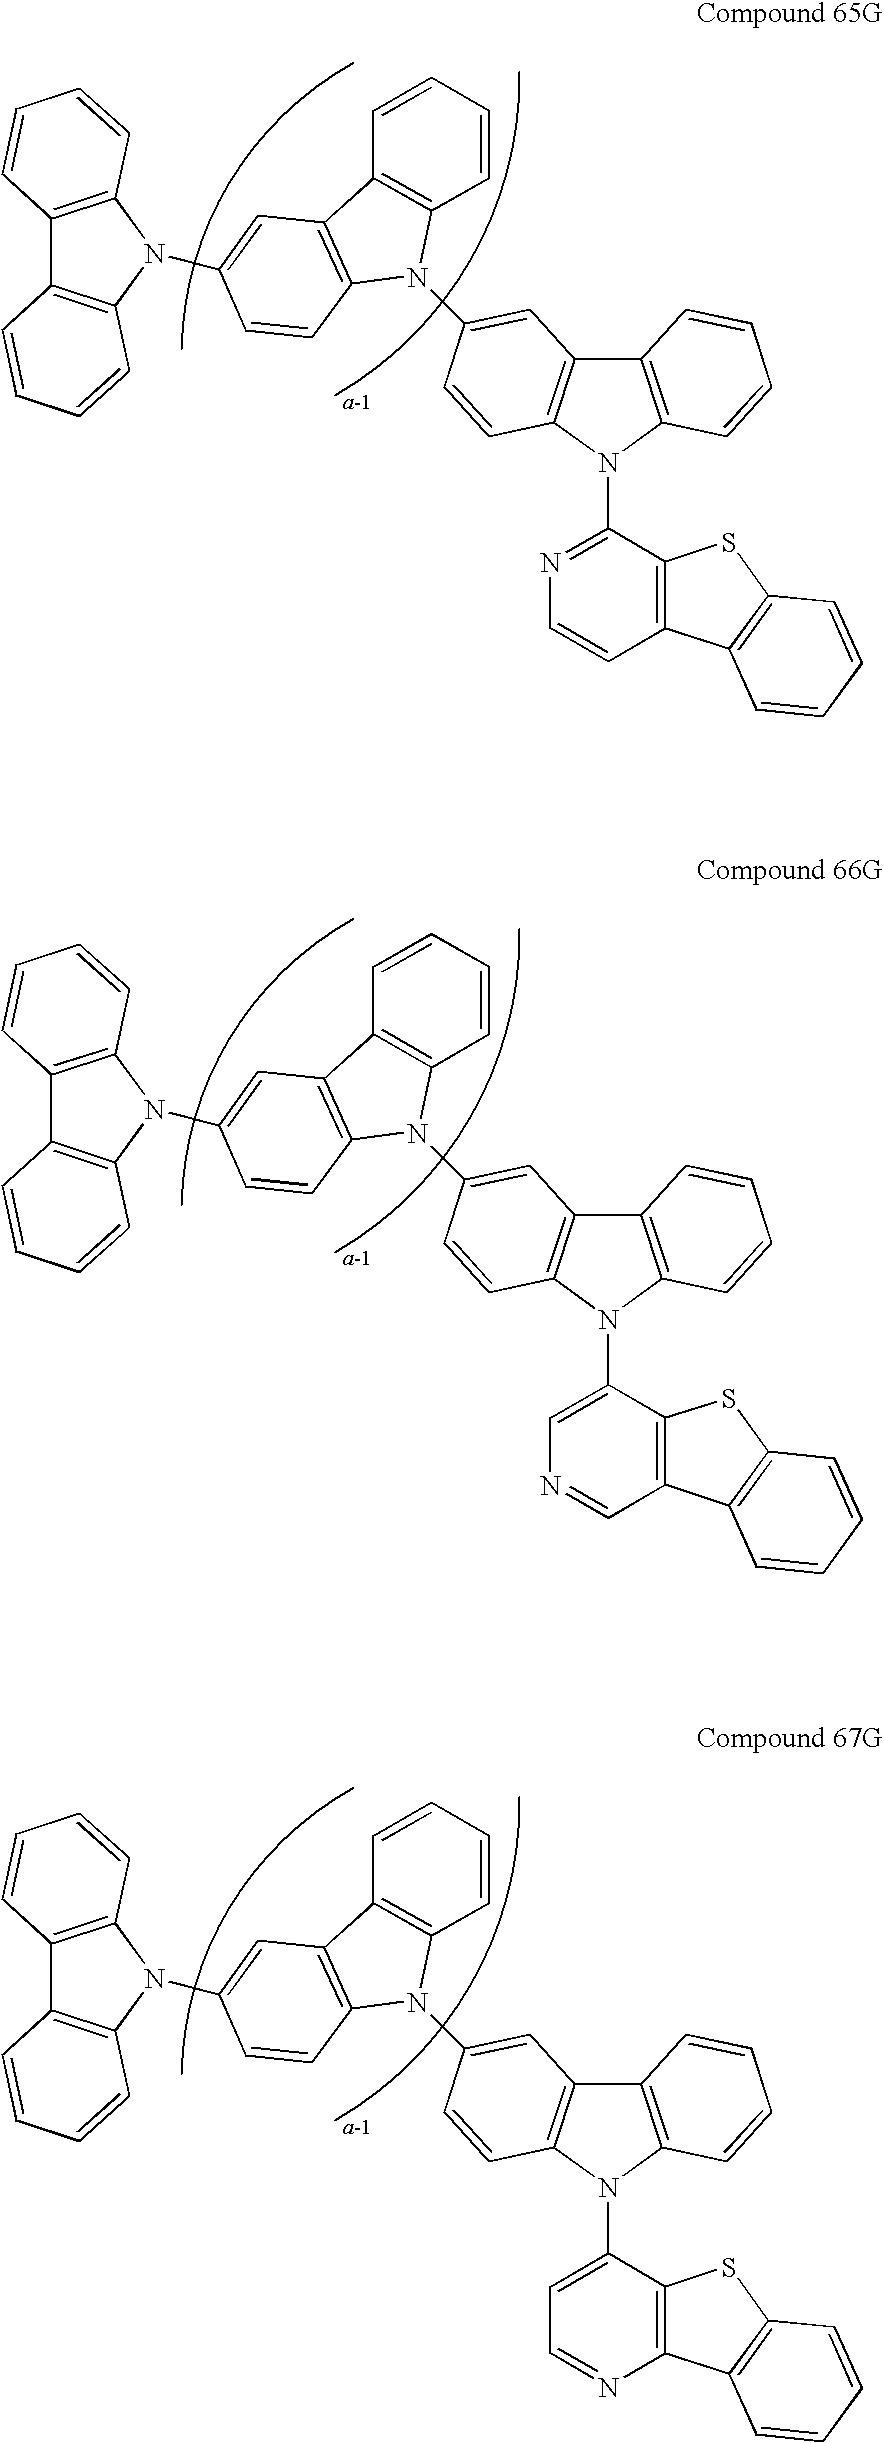 Figure US20090134784A1-20090528-C00220